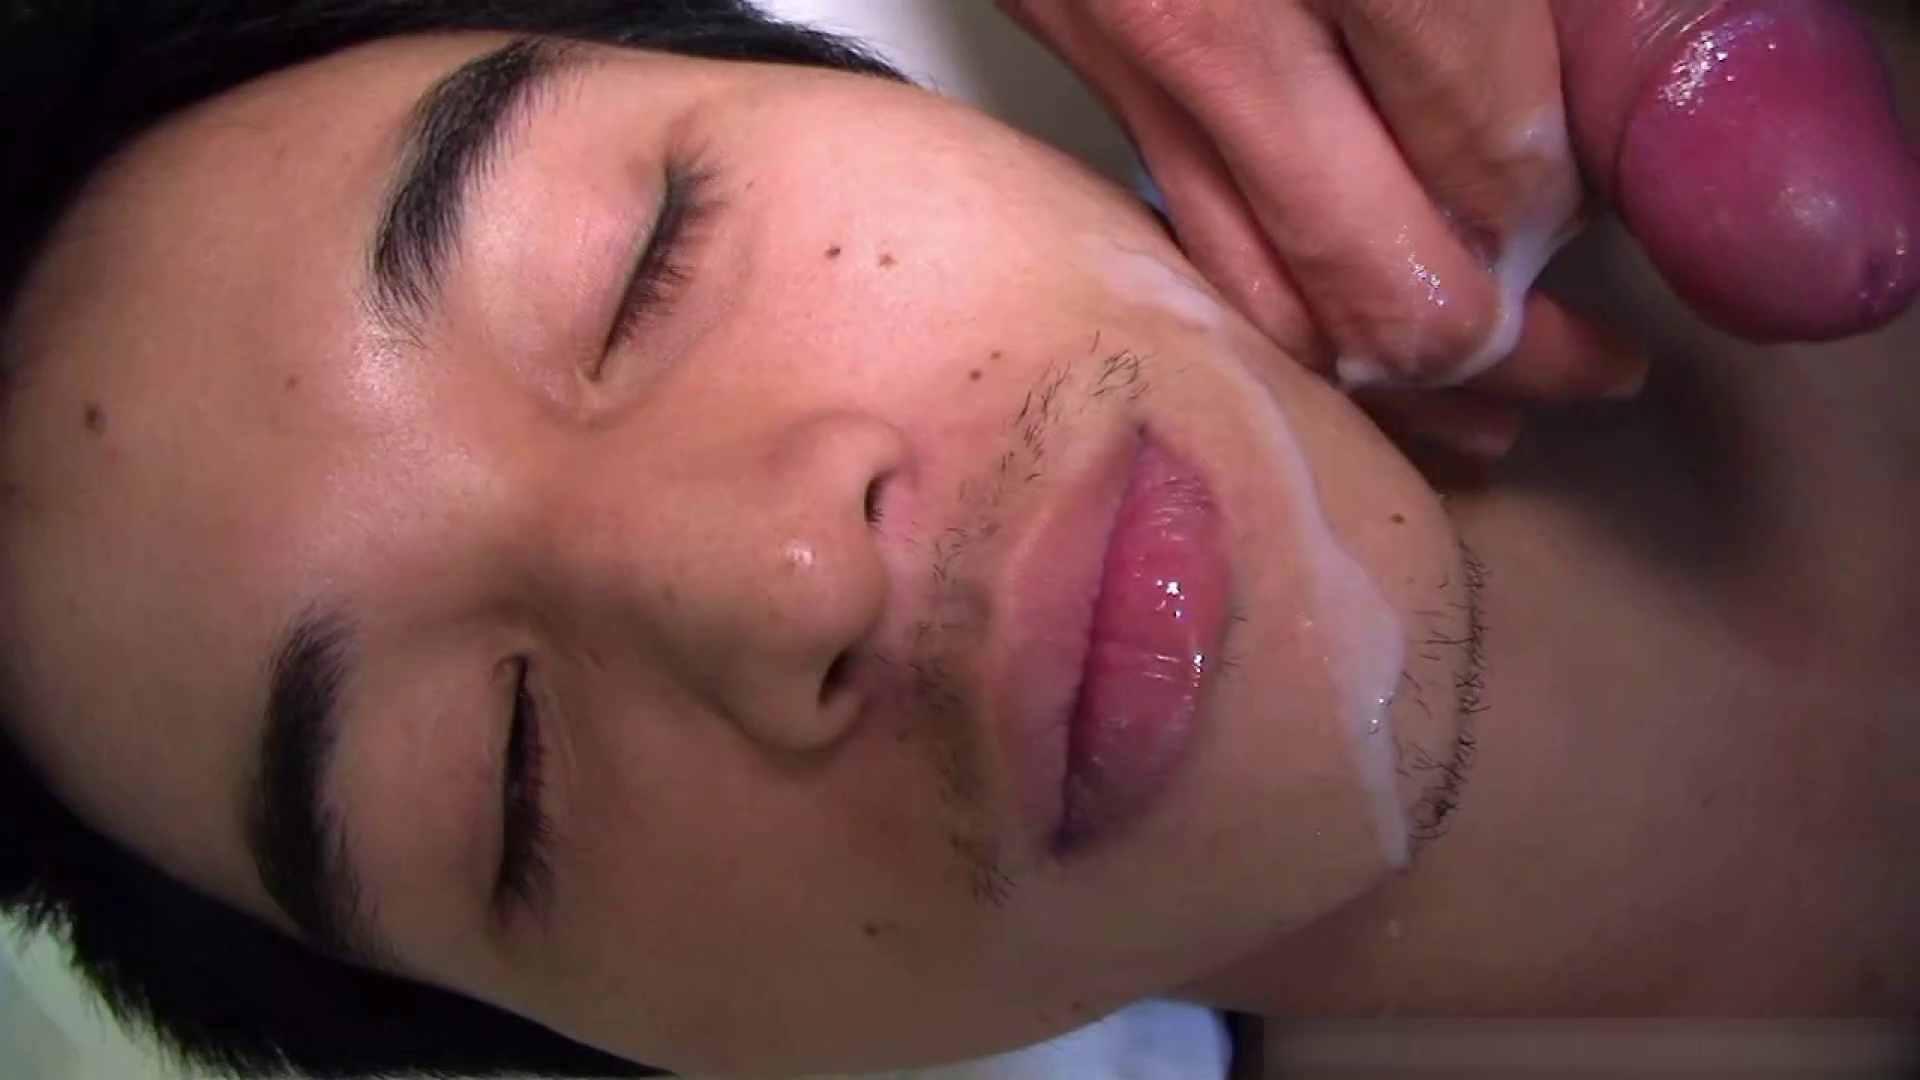 イケメンSEX!嗚呼!男達の挽歌Vol.03 イケメン・パラダイス | 男の世界  103画像 21